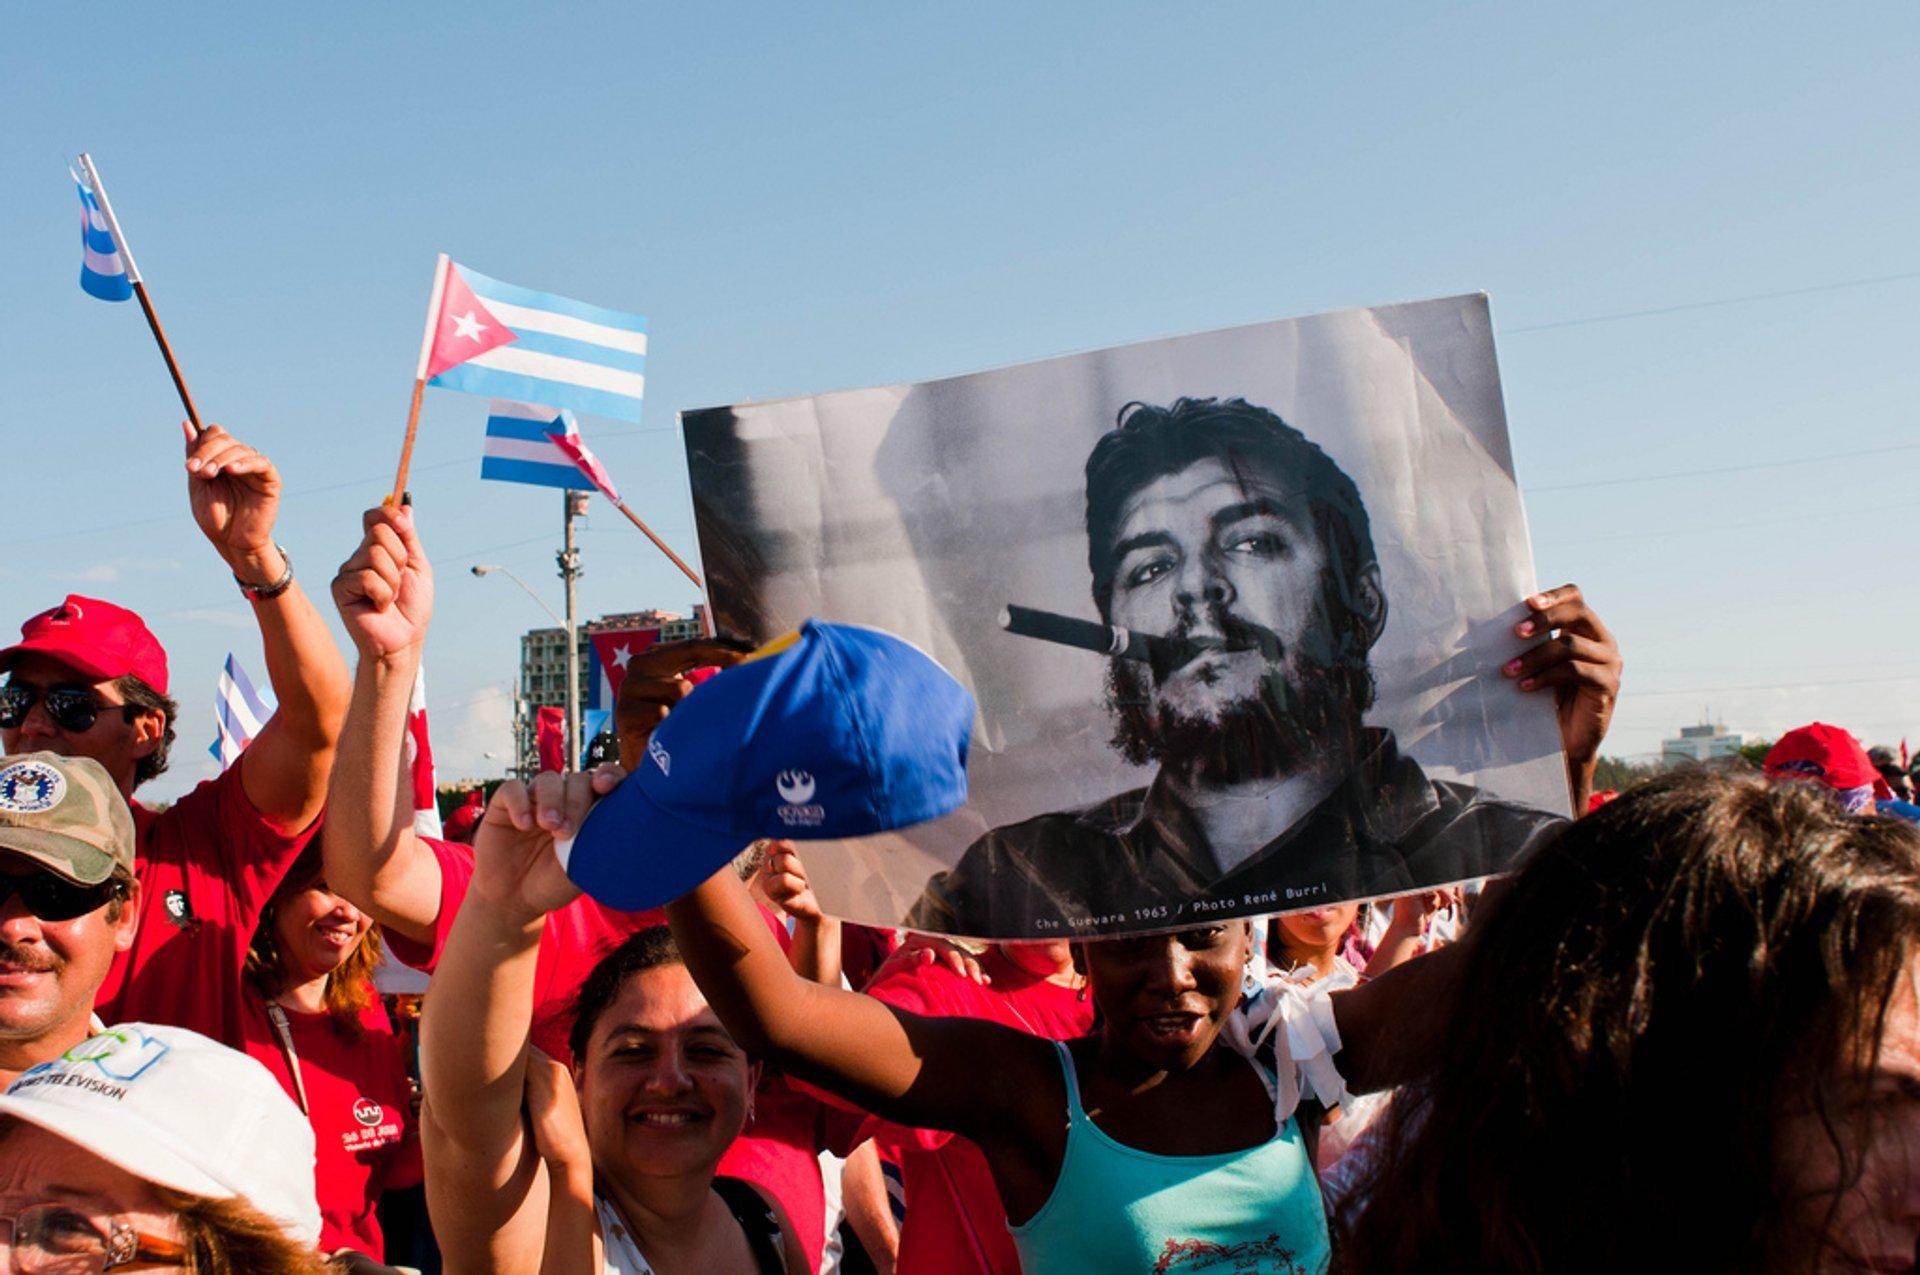 Labour Day or Día de los Trabajadores in Cuba - Best Season 2019